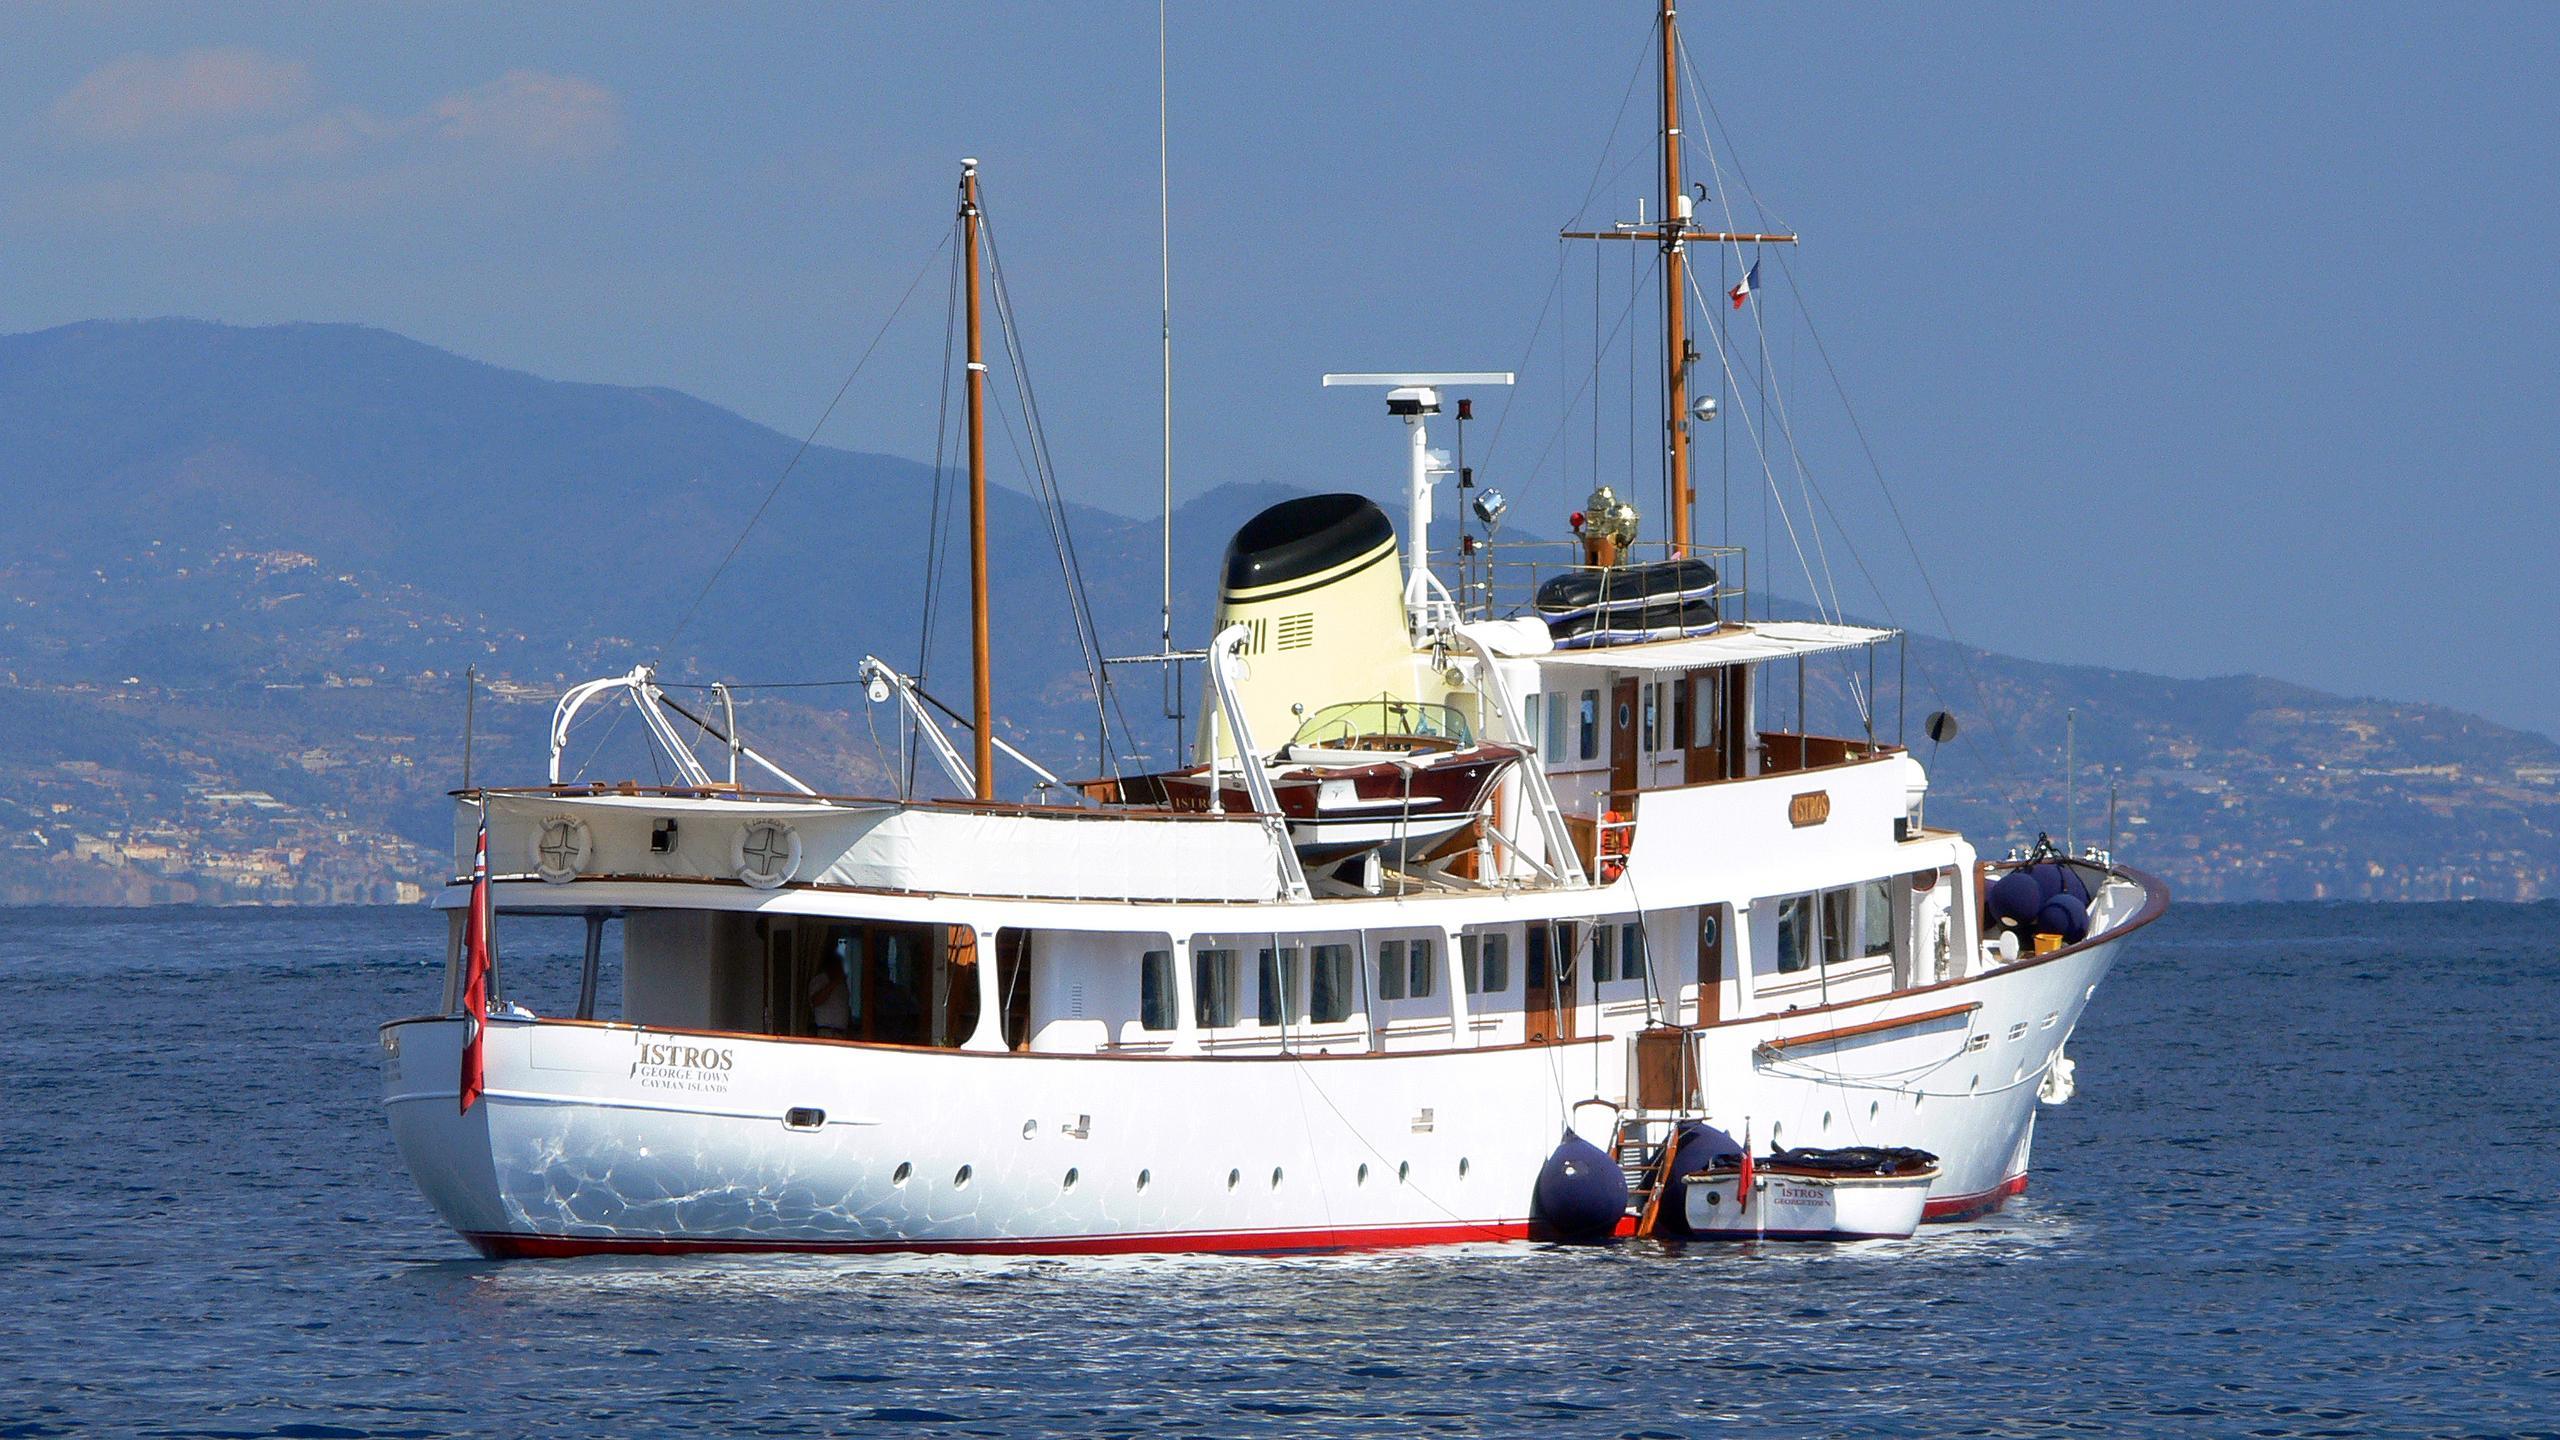 istros-motor-yacht-de-vries-lentsch-1954-42m-stern